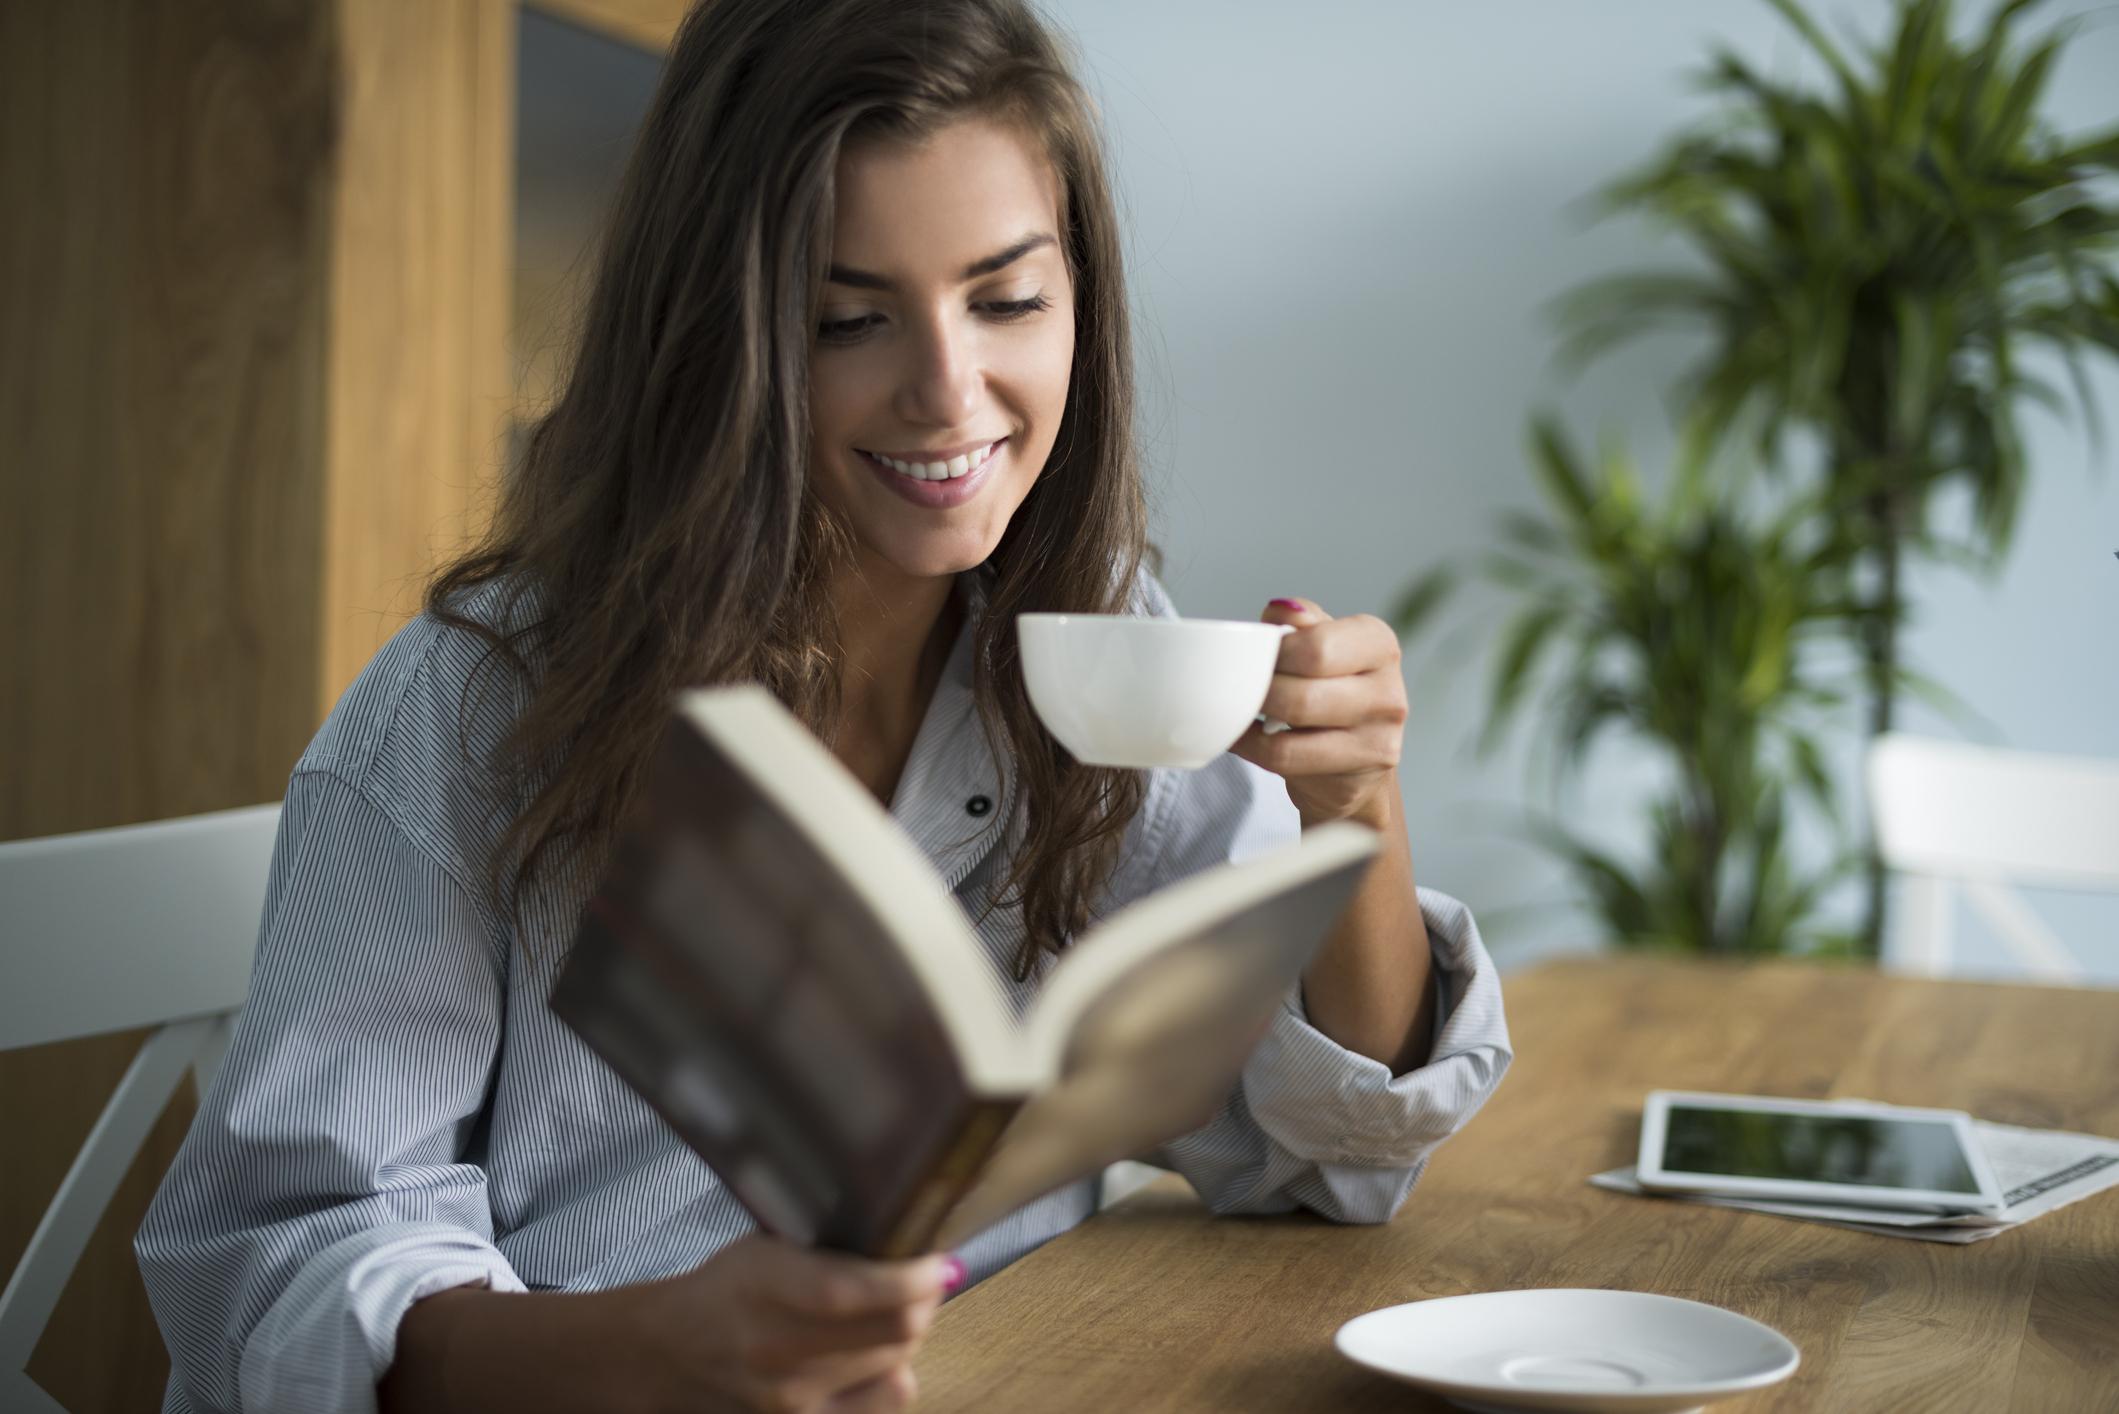 11 надихаючих цитат, після прочитання яких хочеться встати і робити»